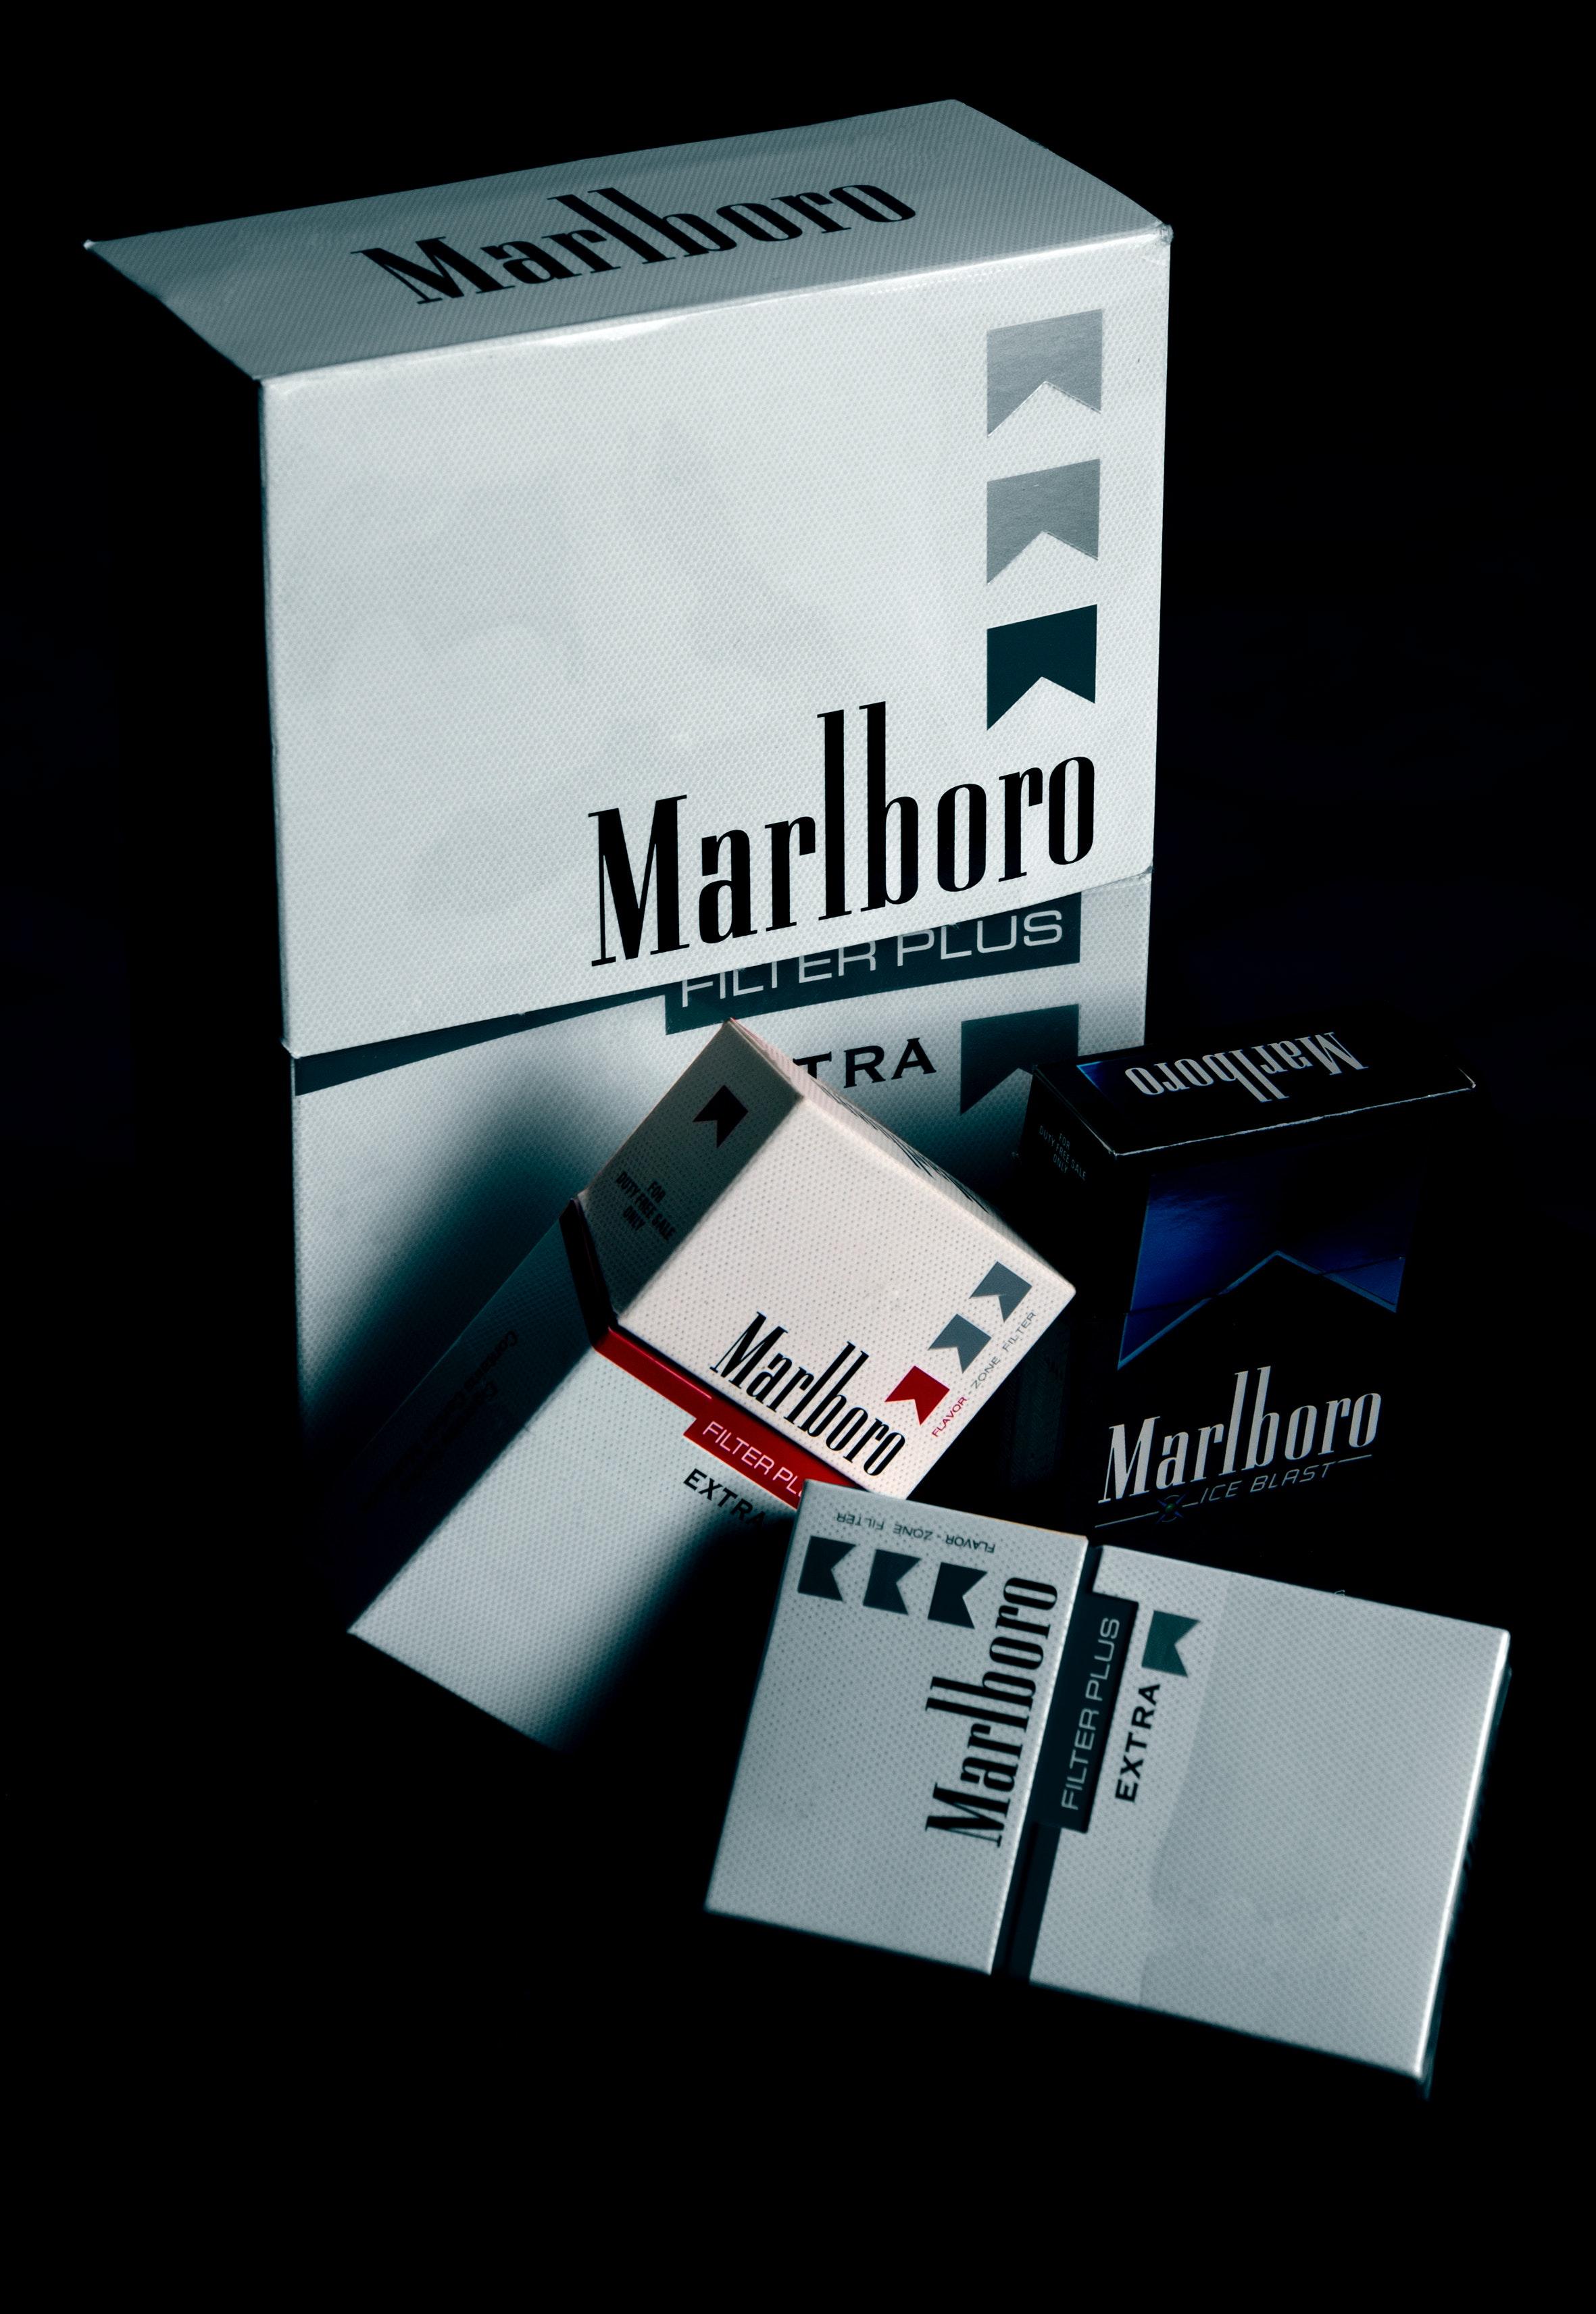 Marlboro Cigarette Boxes · Free Stock Photo